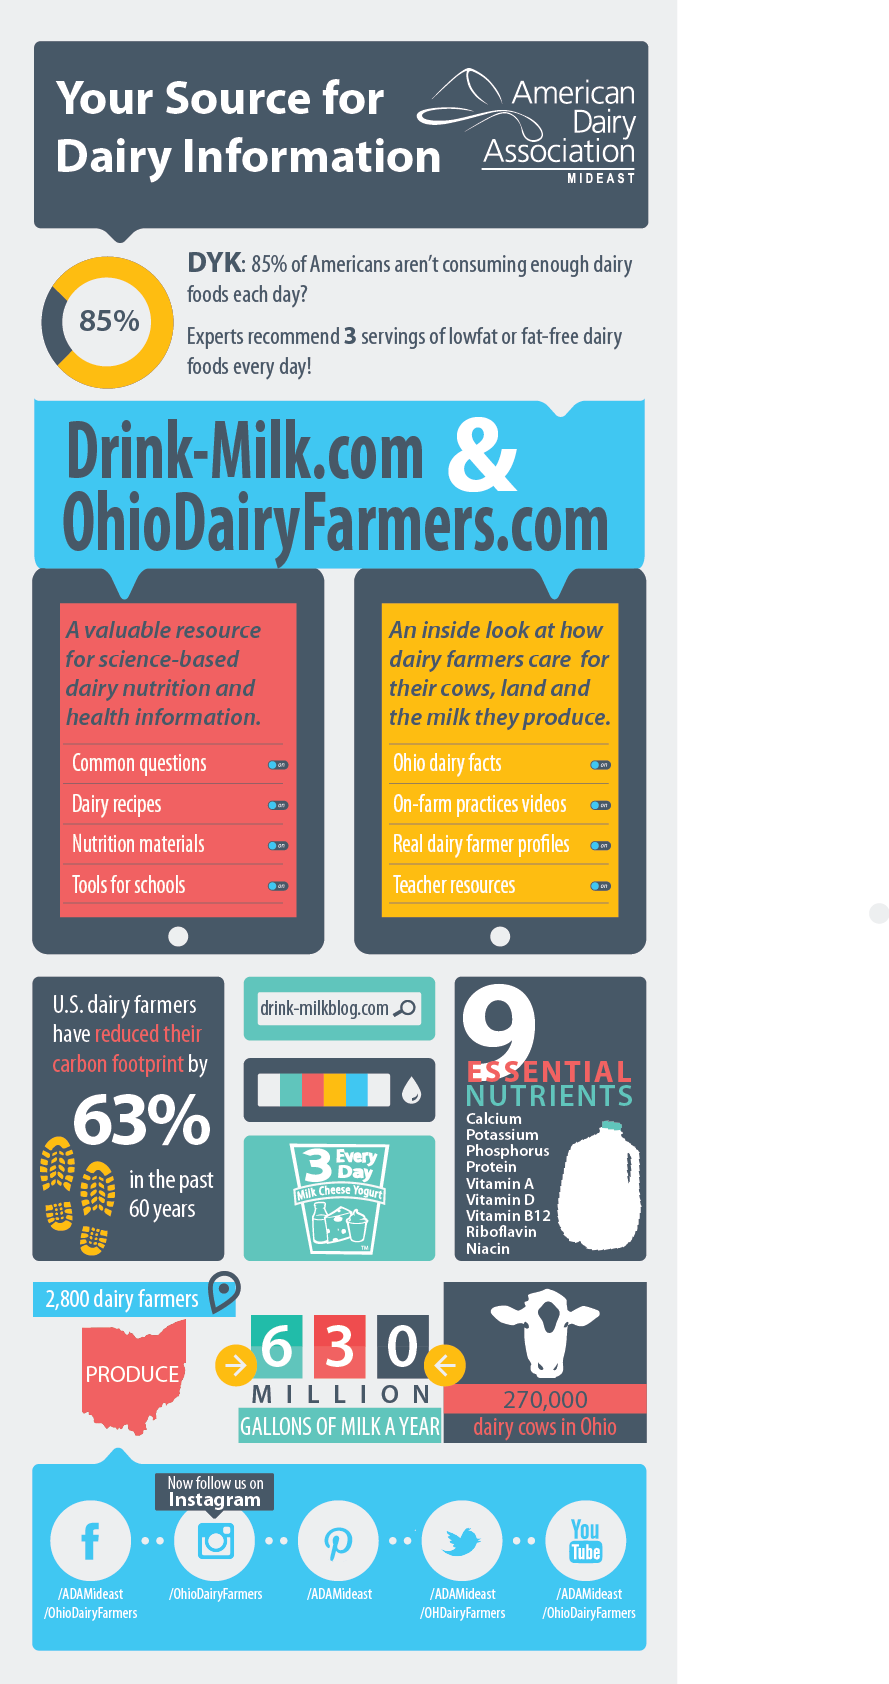 Dairy Foods Contain 9 Essential Nutrients Calcium Potassium